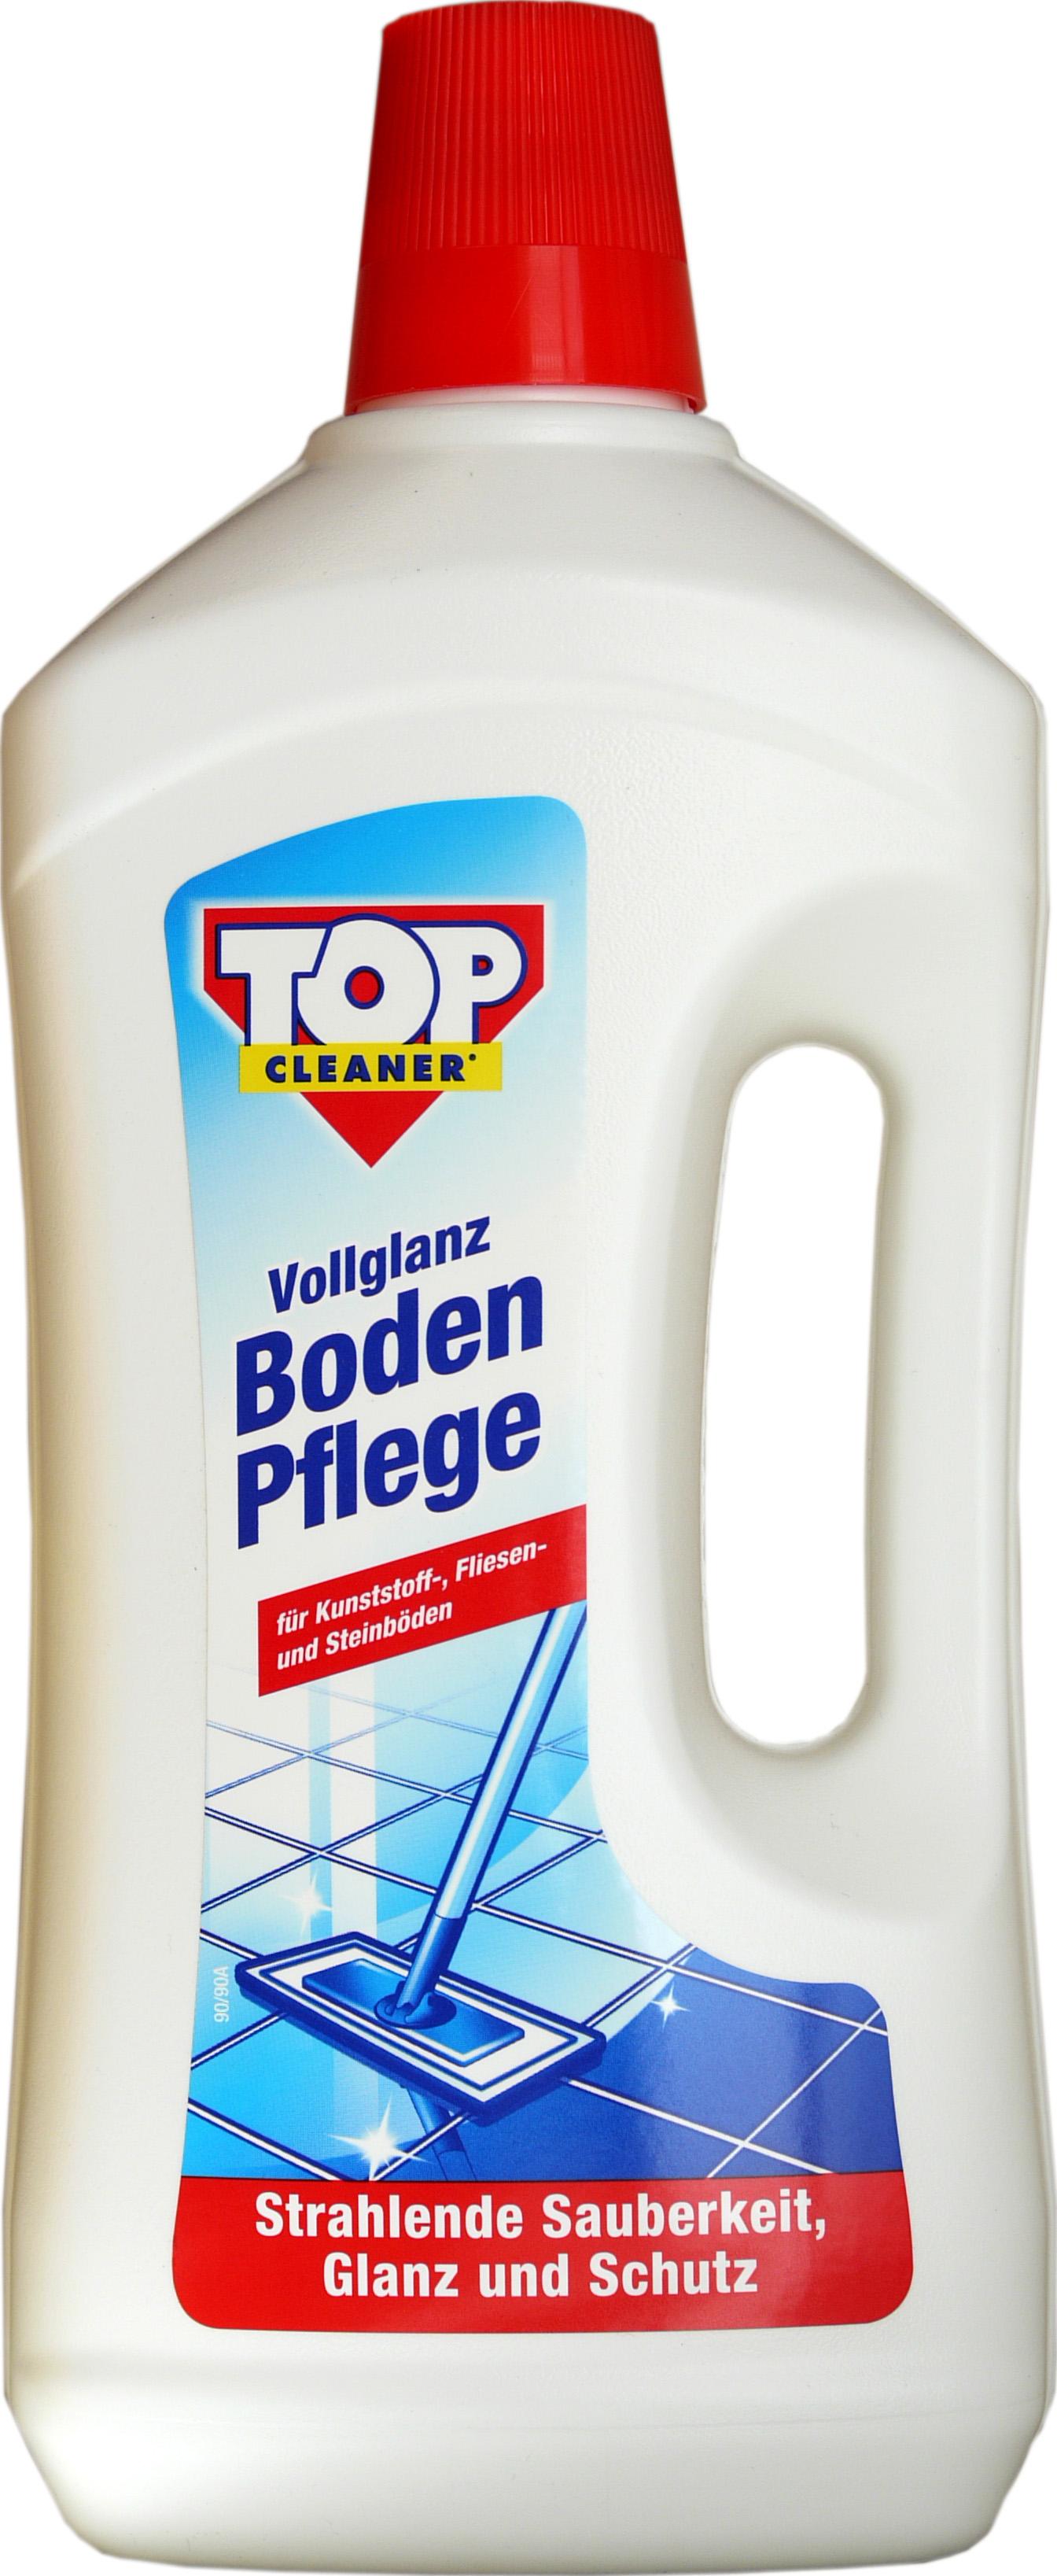 00608 - eco-fix Bodenvollpflege 1000 ml